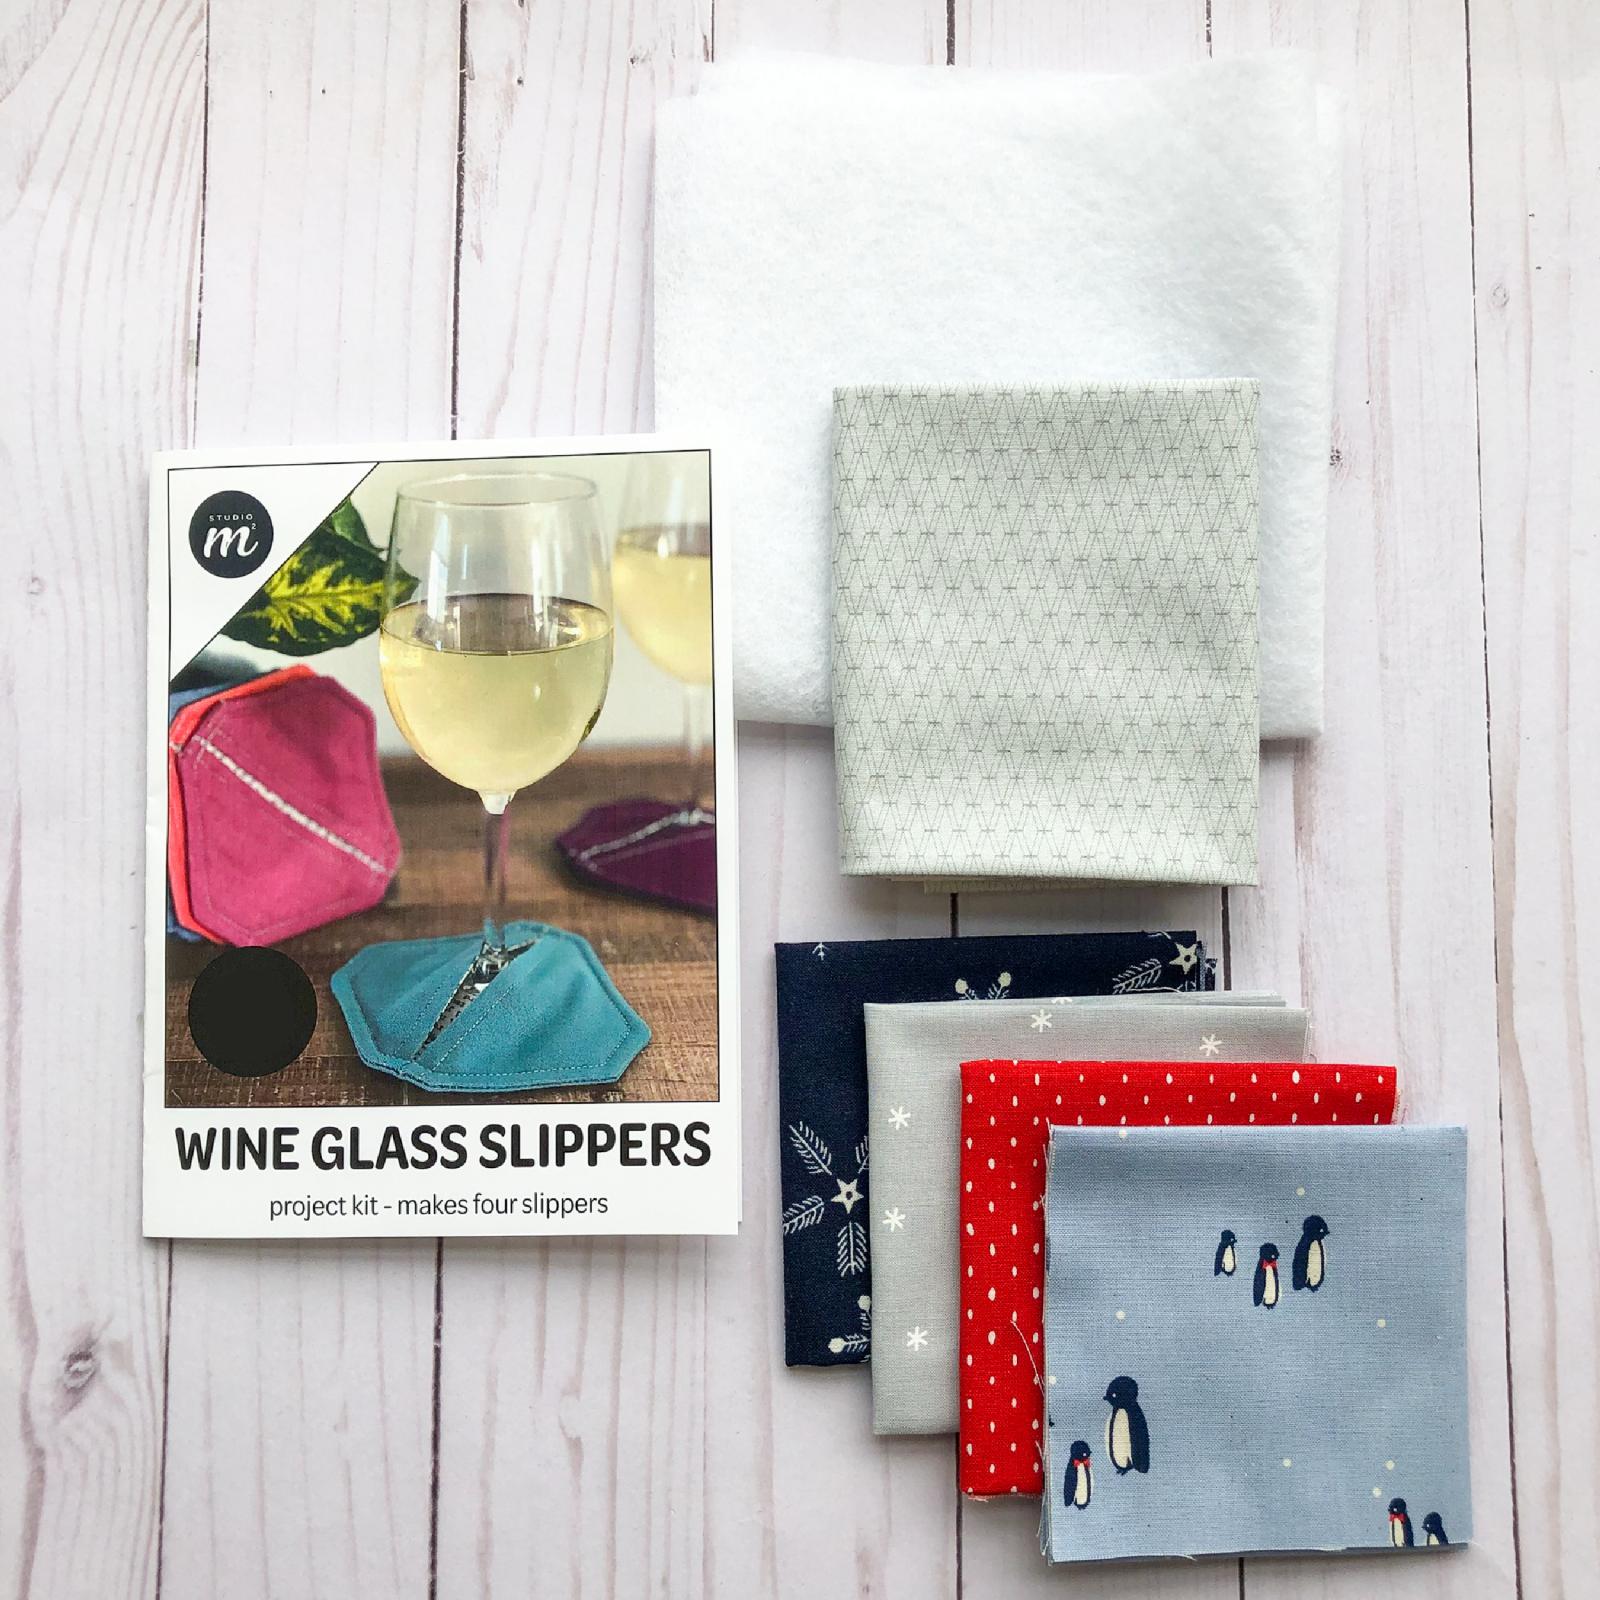 Wine Glass Slipper Kit - Prosecco Bundle